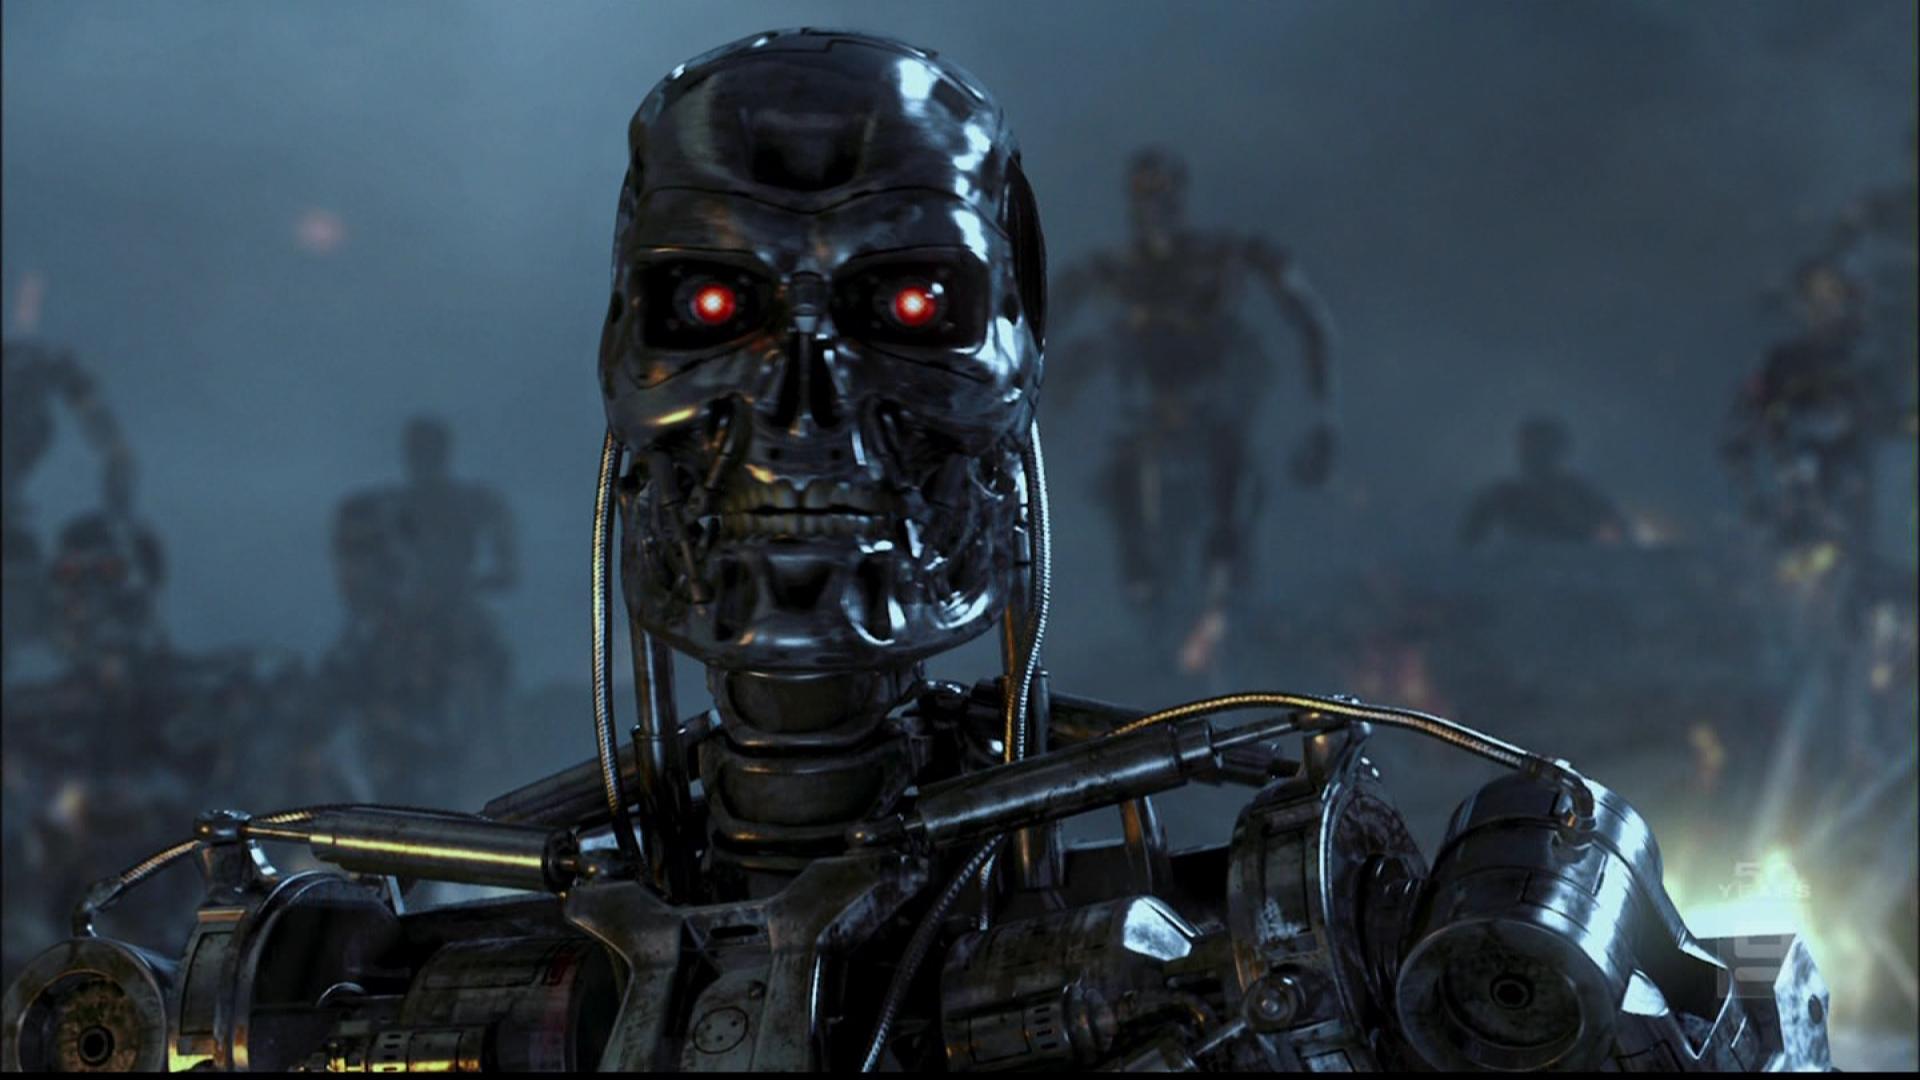 Terminator for Windows Desktop - Downloadcom